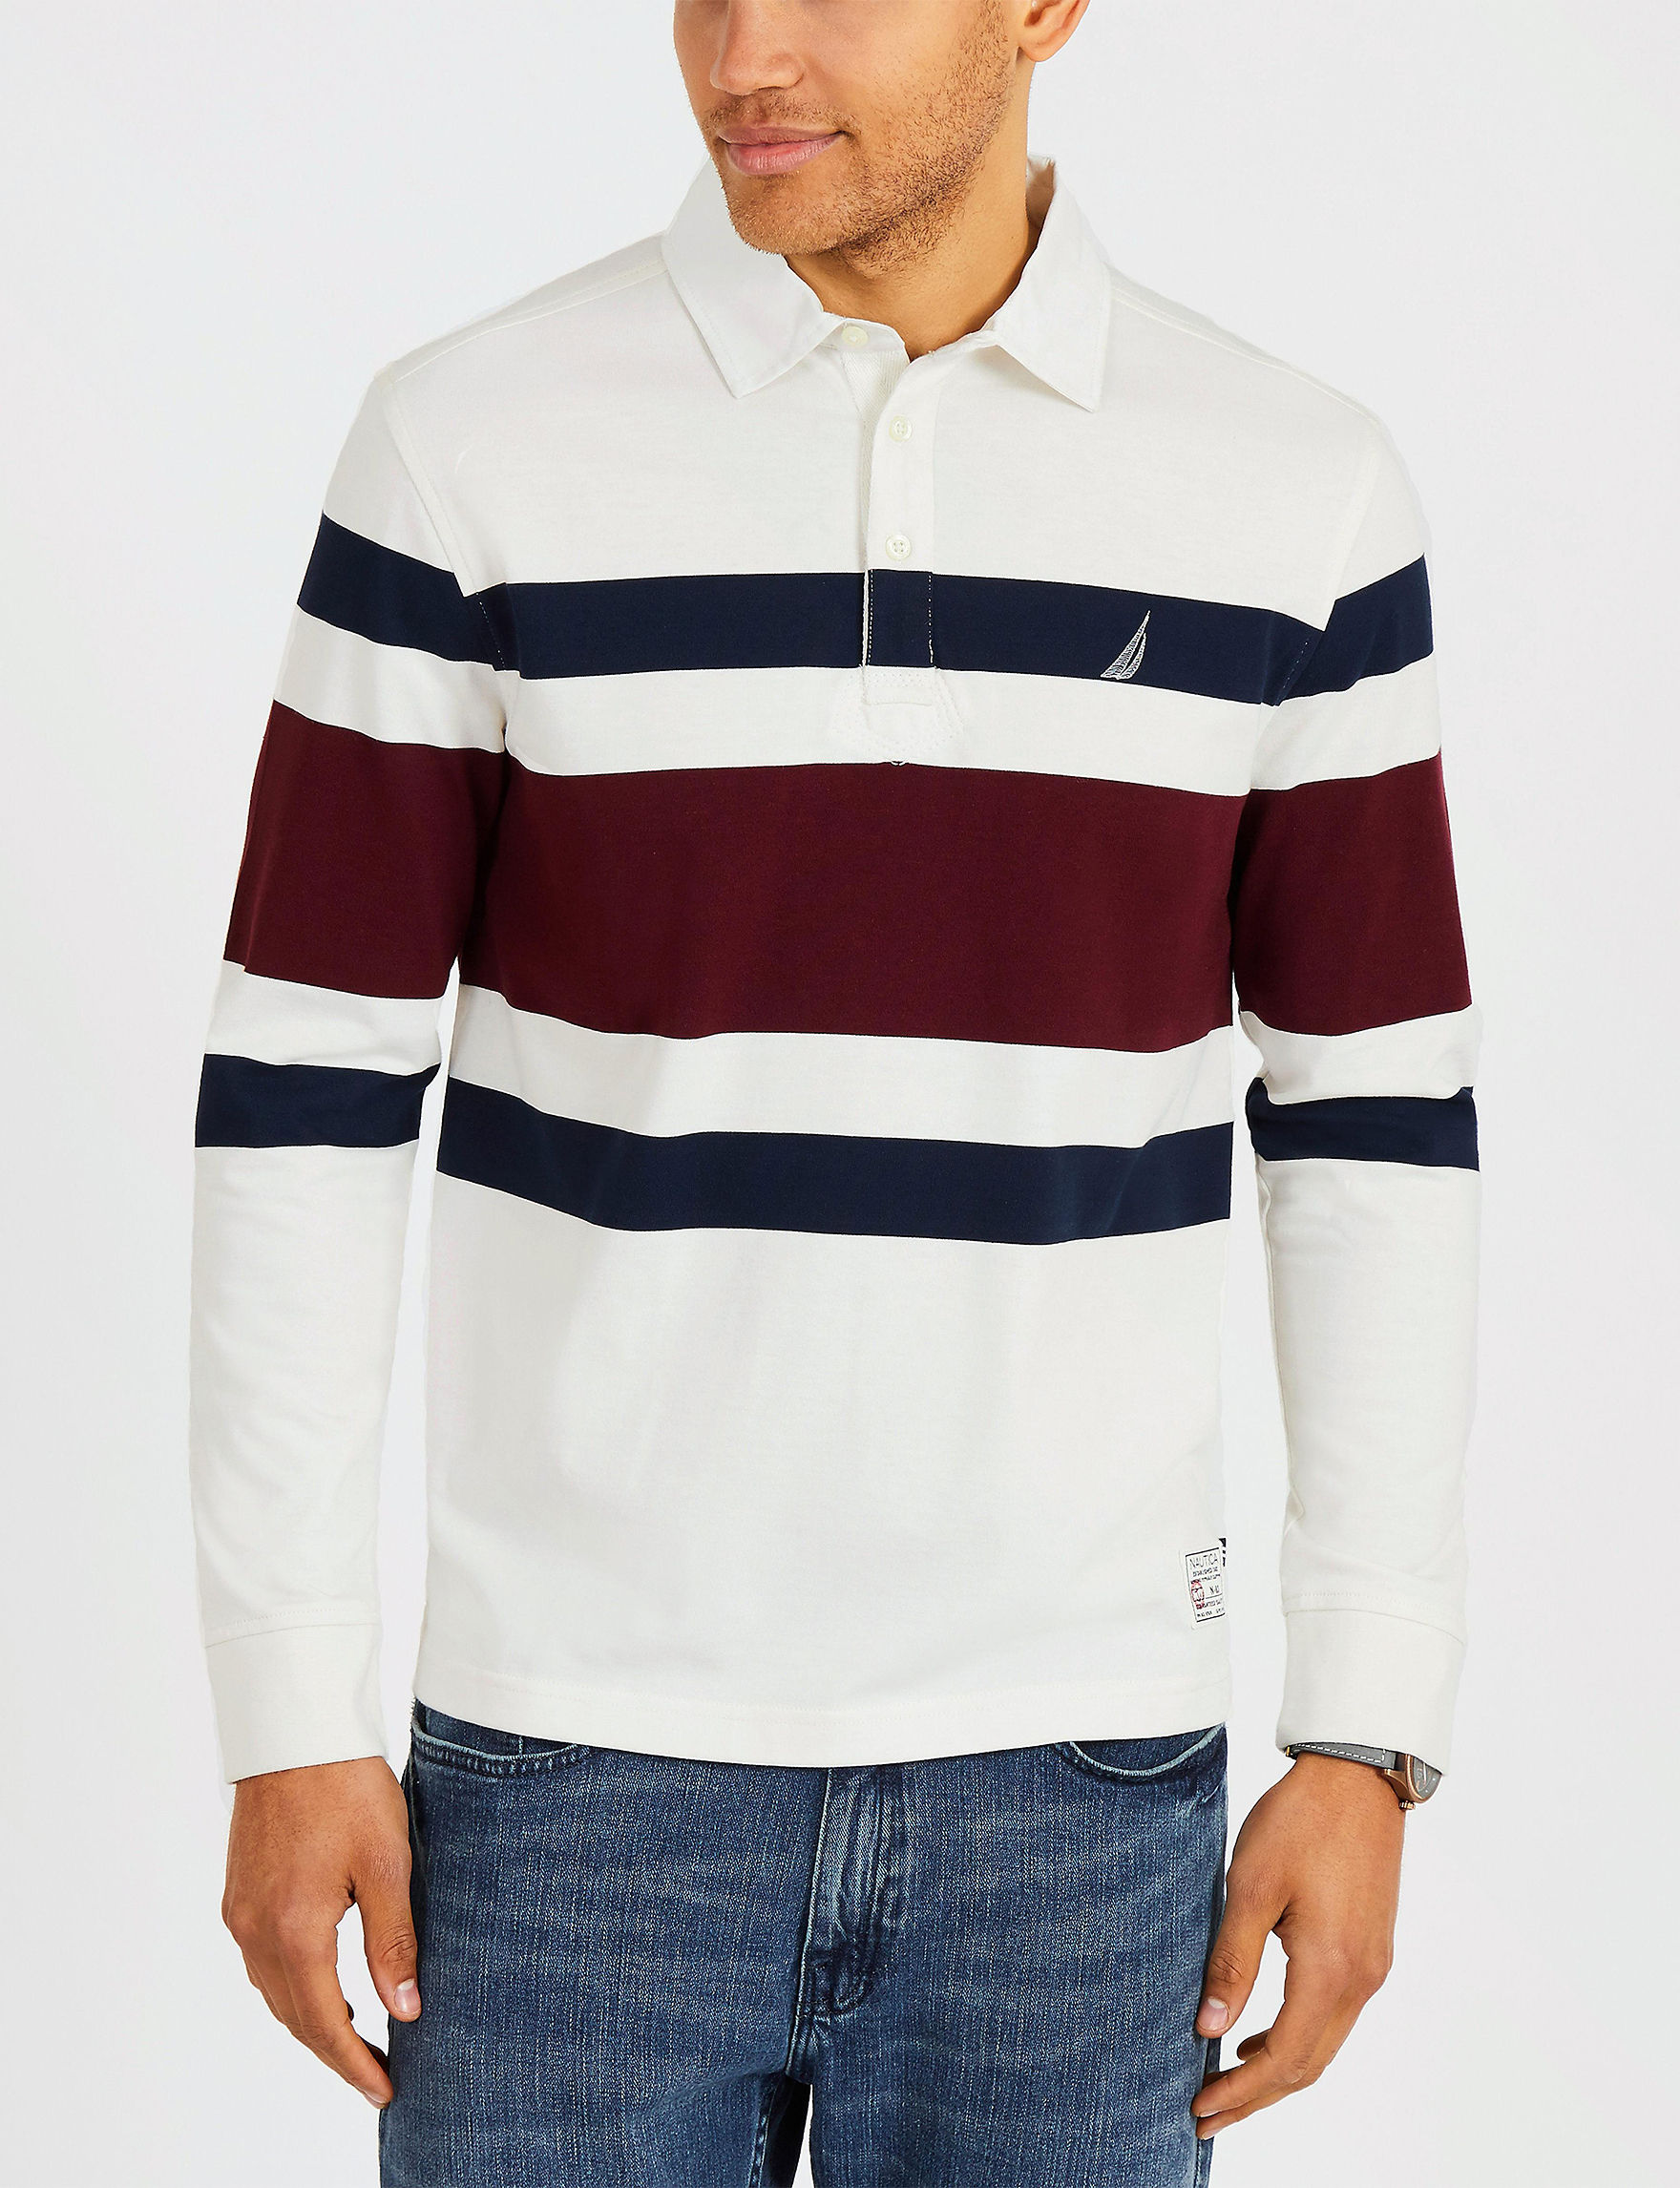 Nautica White Stripe Polos